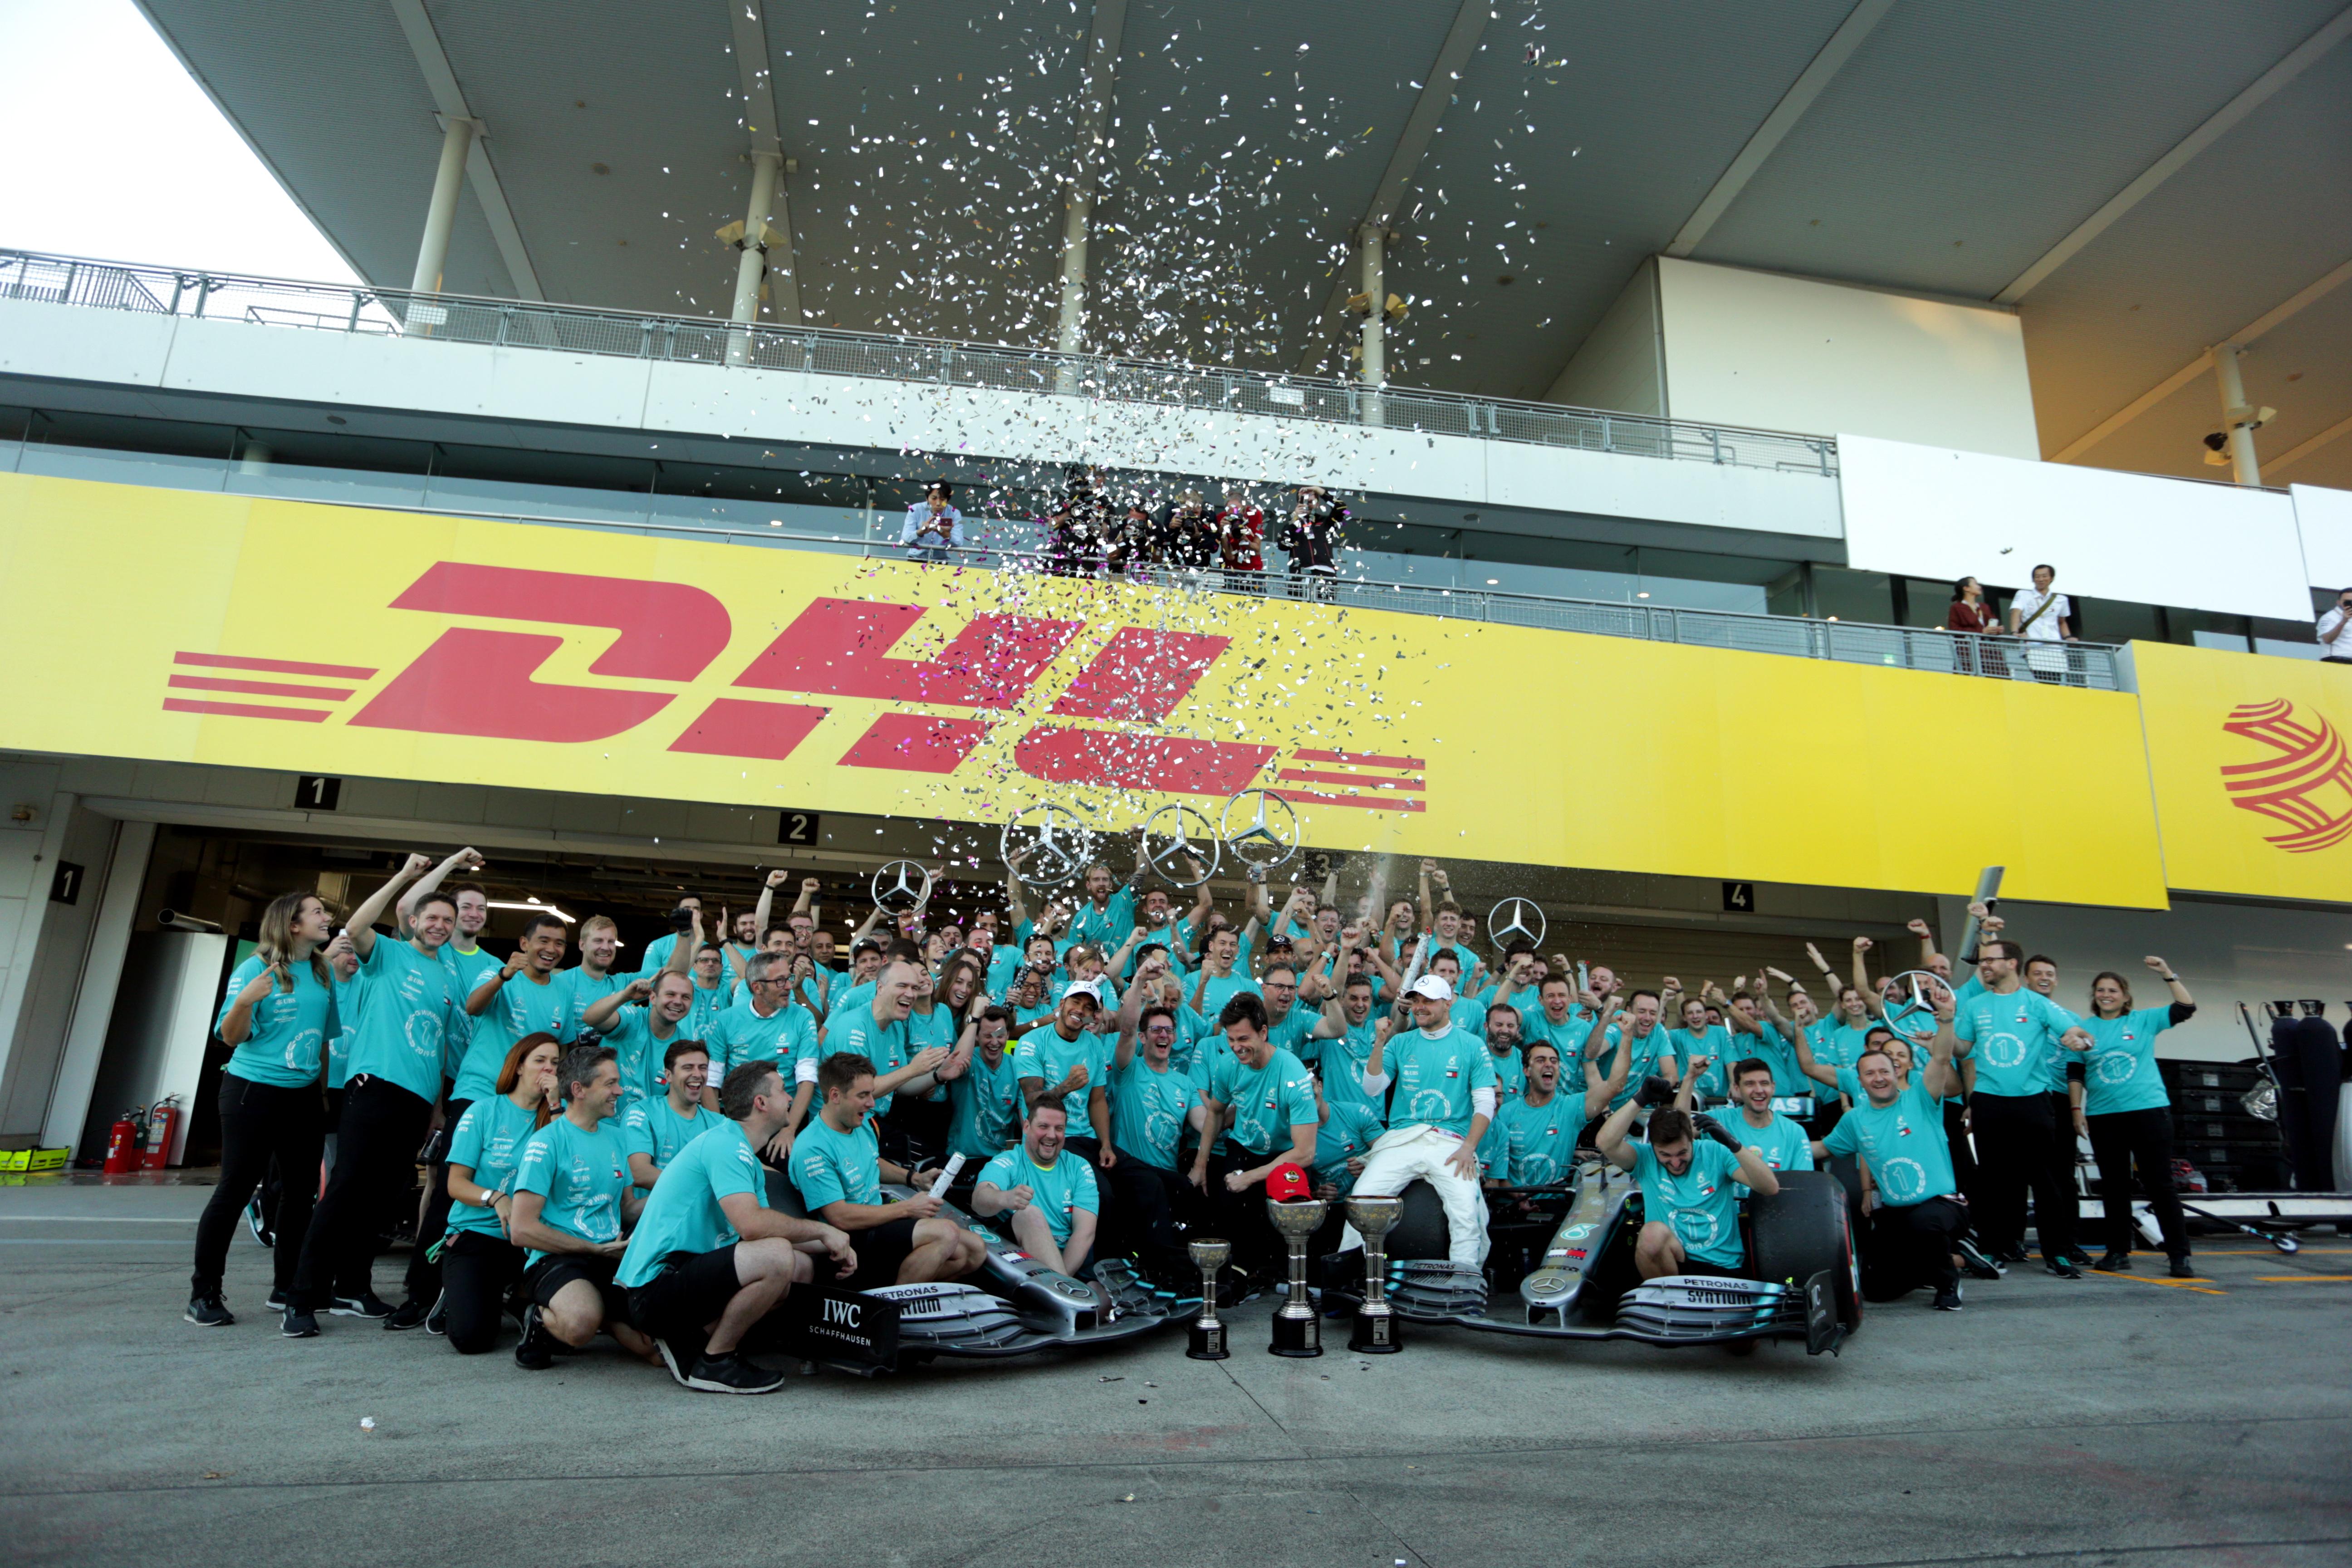 Mercedes wins 2019 constructors' championship